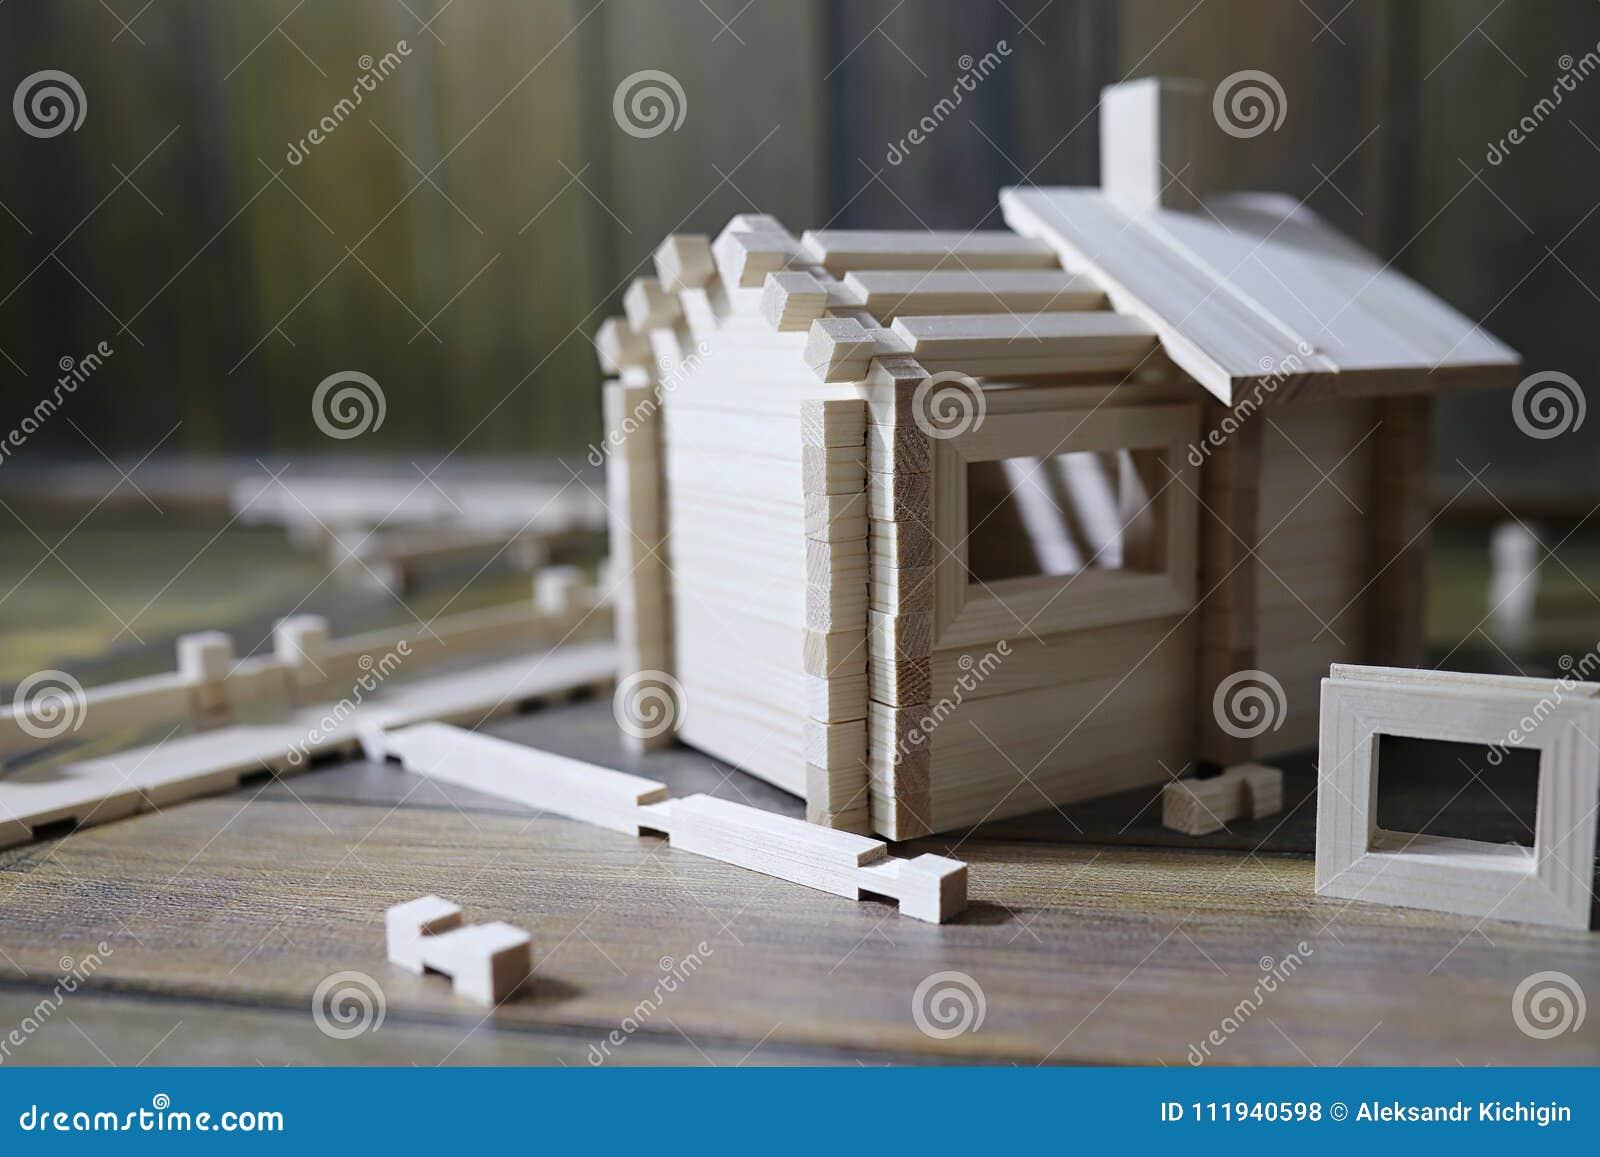 De Hacen Del La Constructor El Madera Juguete Casa Natural yv76IYbfgm